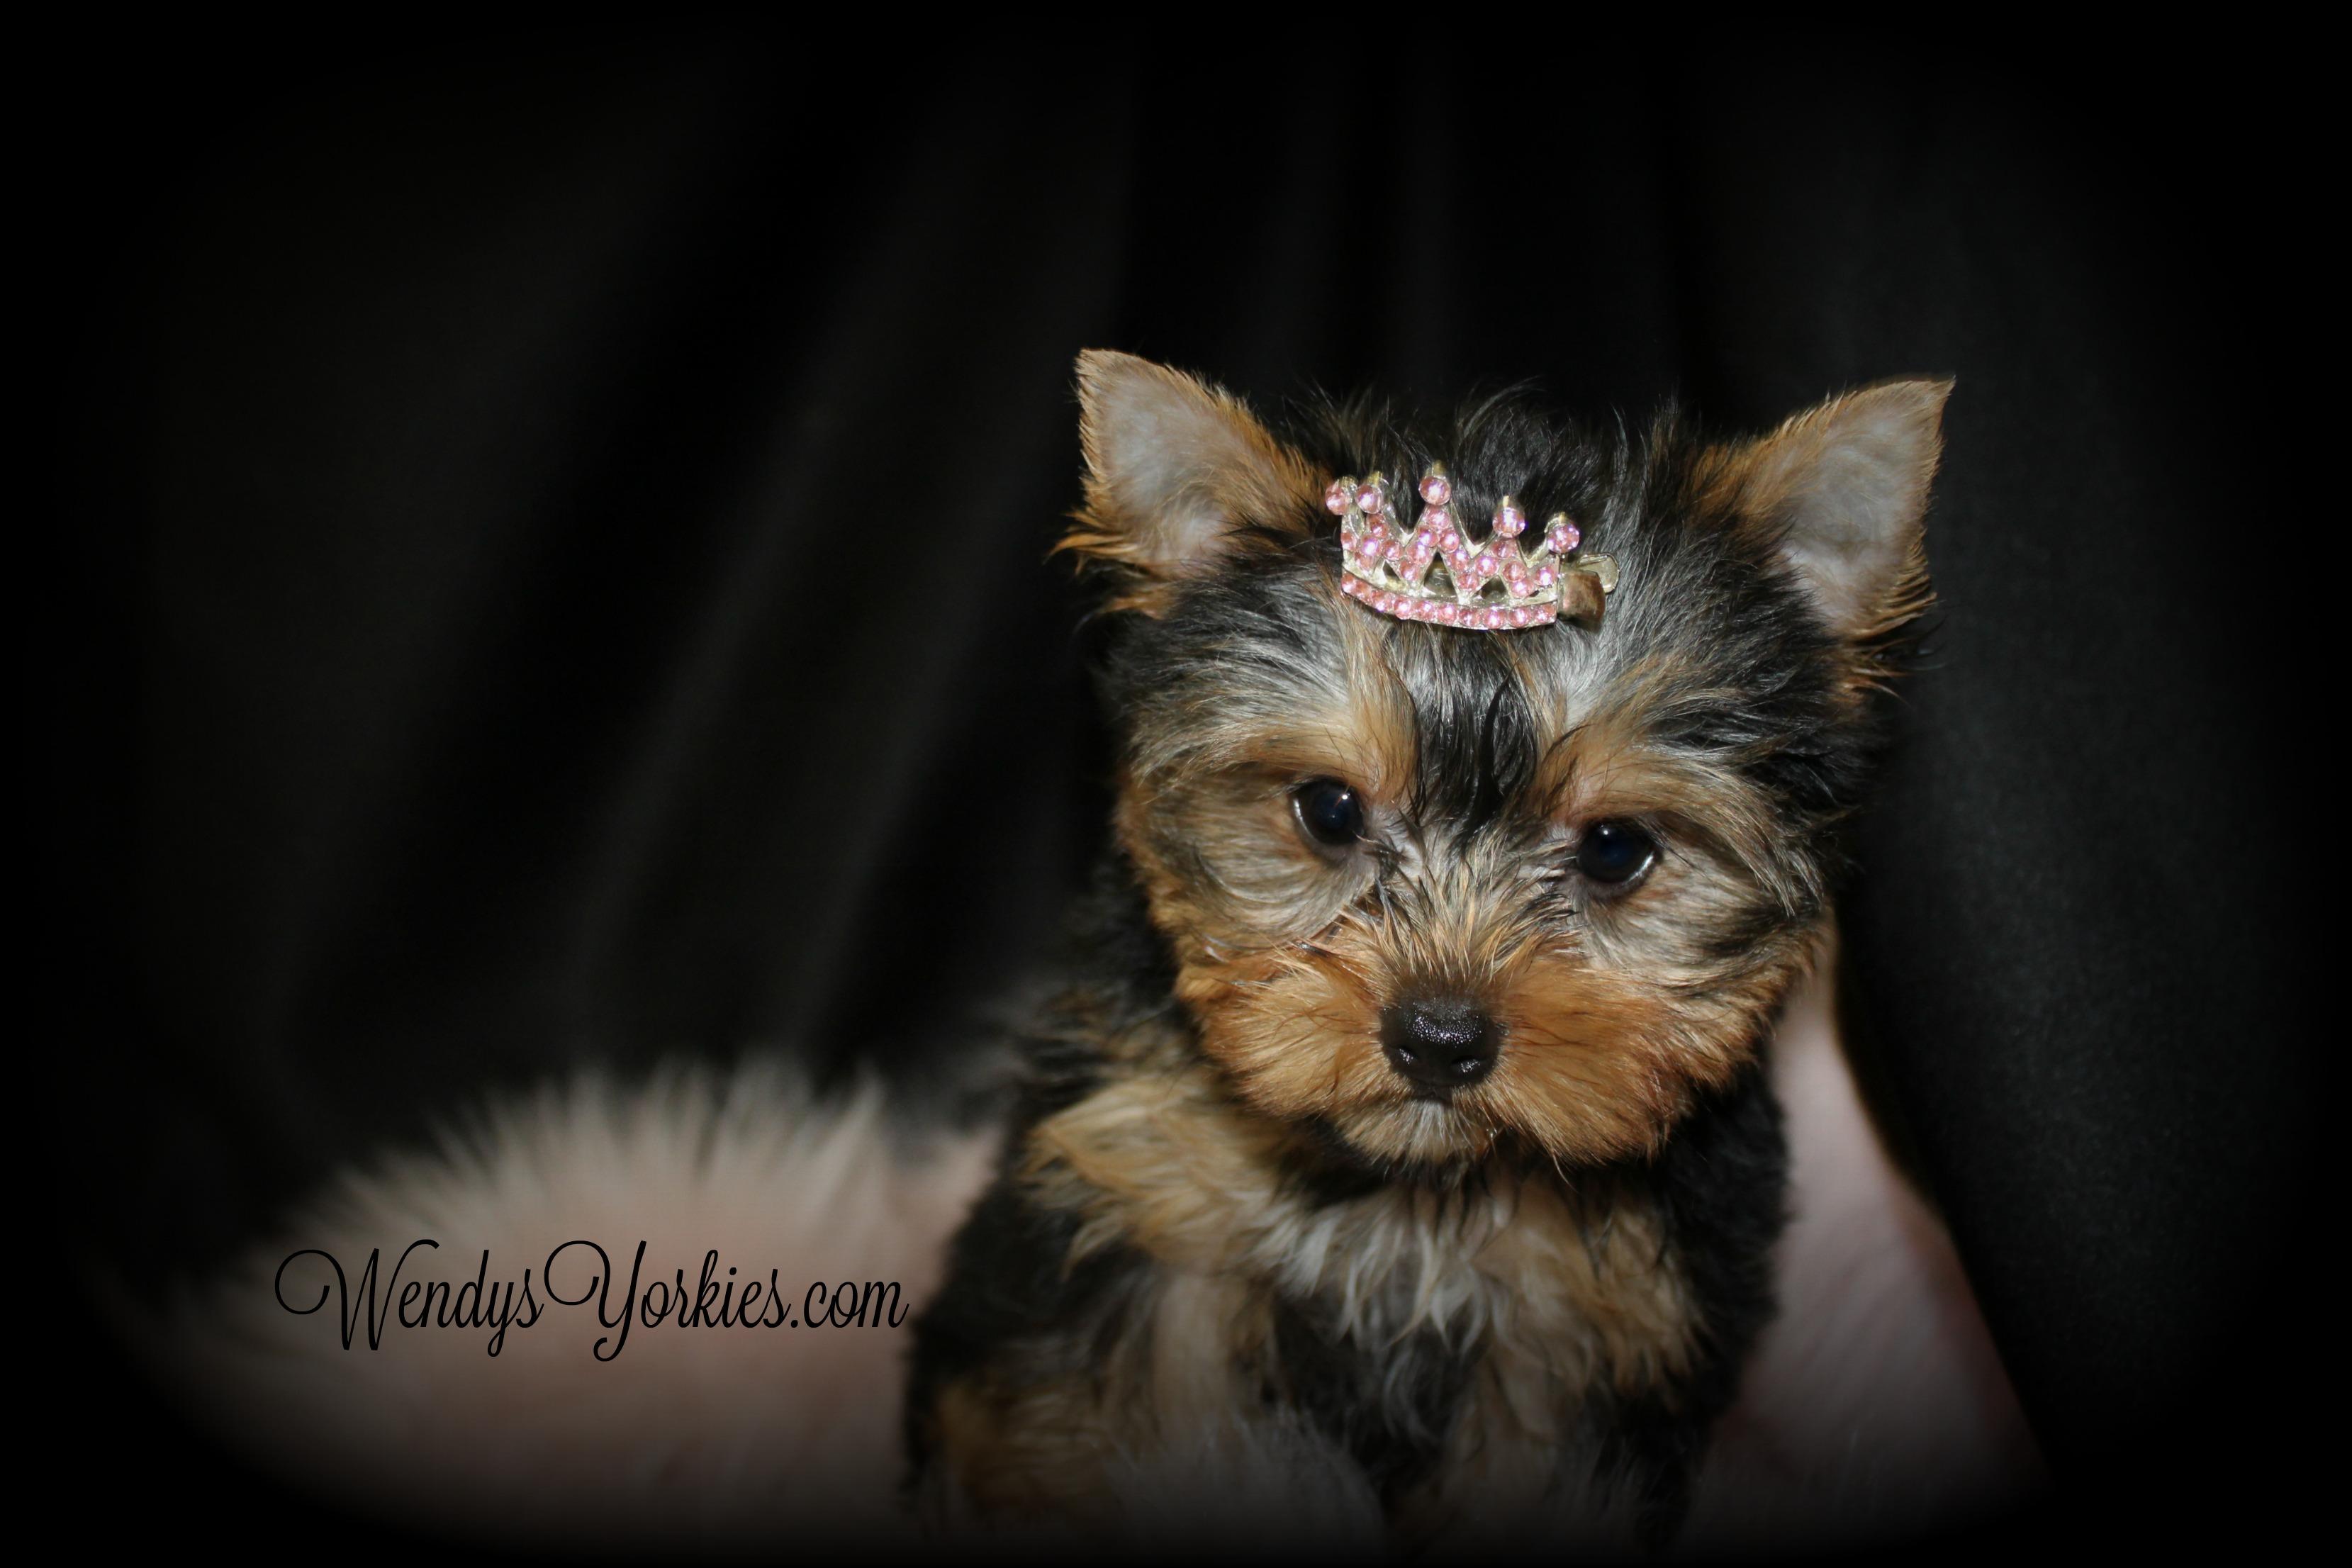 Yorkie puppy, Gracie